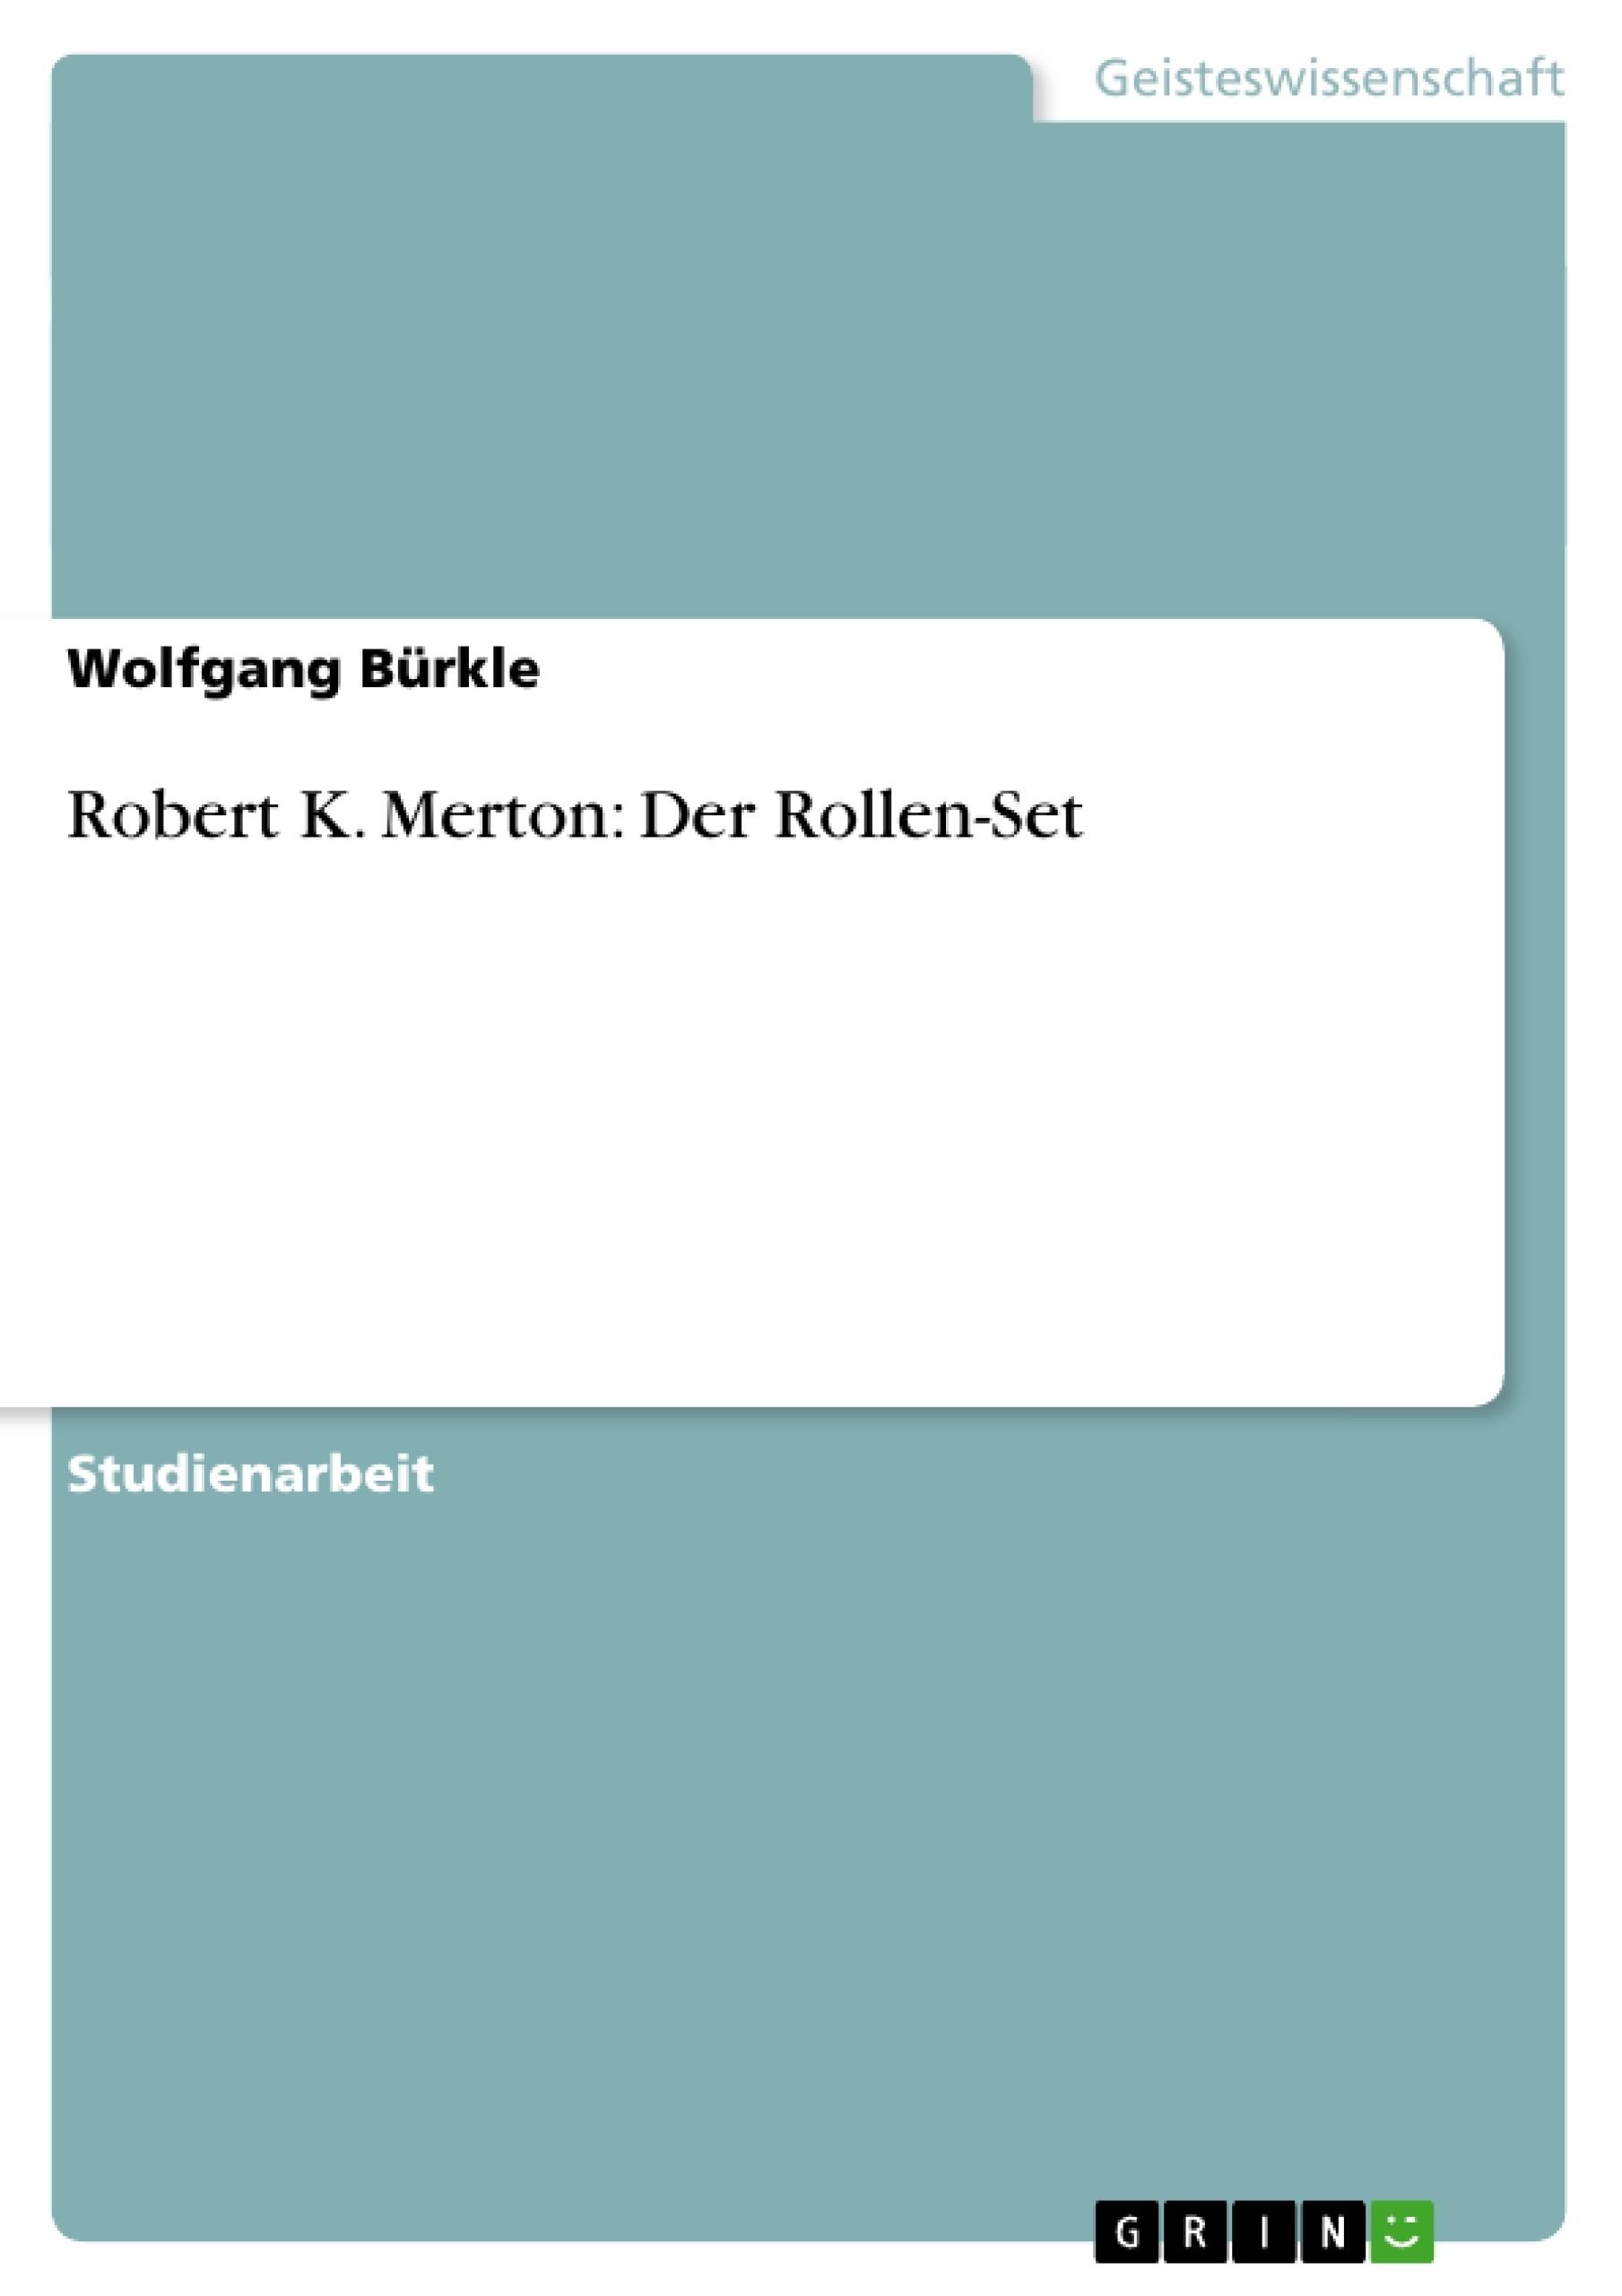 Titel: Robert K. Merton: Der Rollen-Set